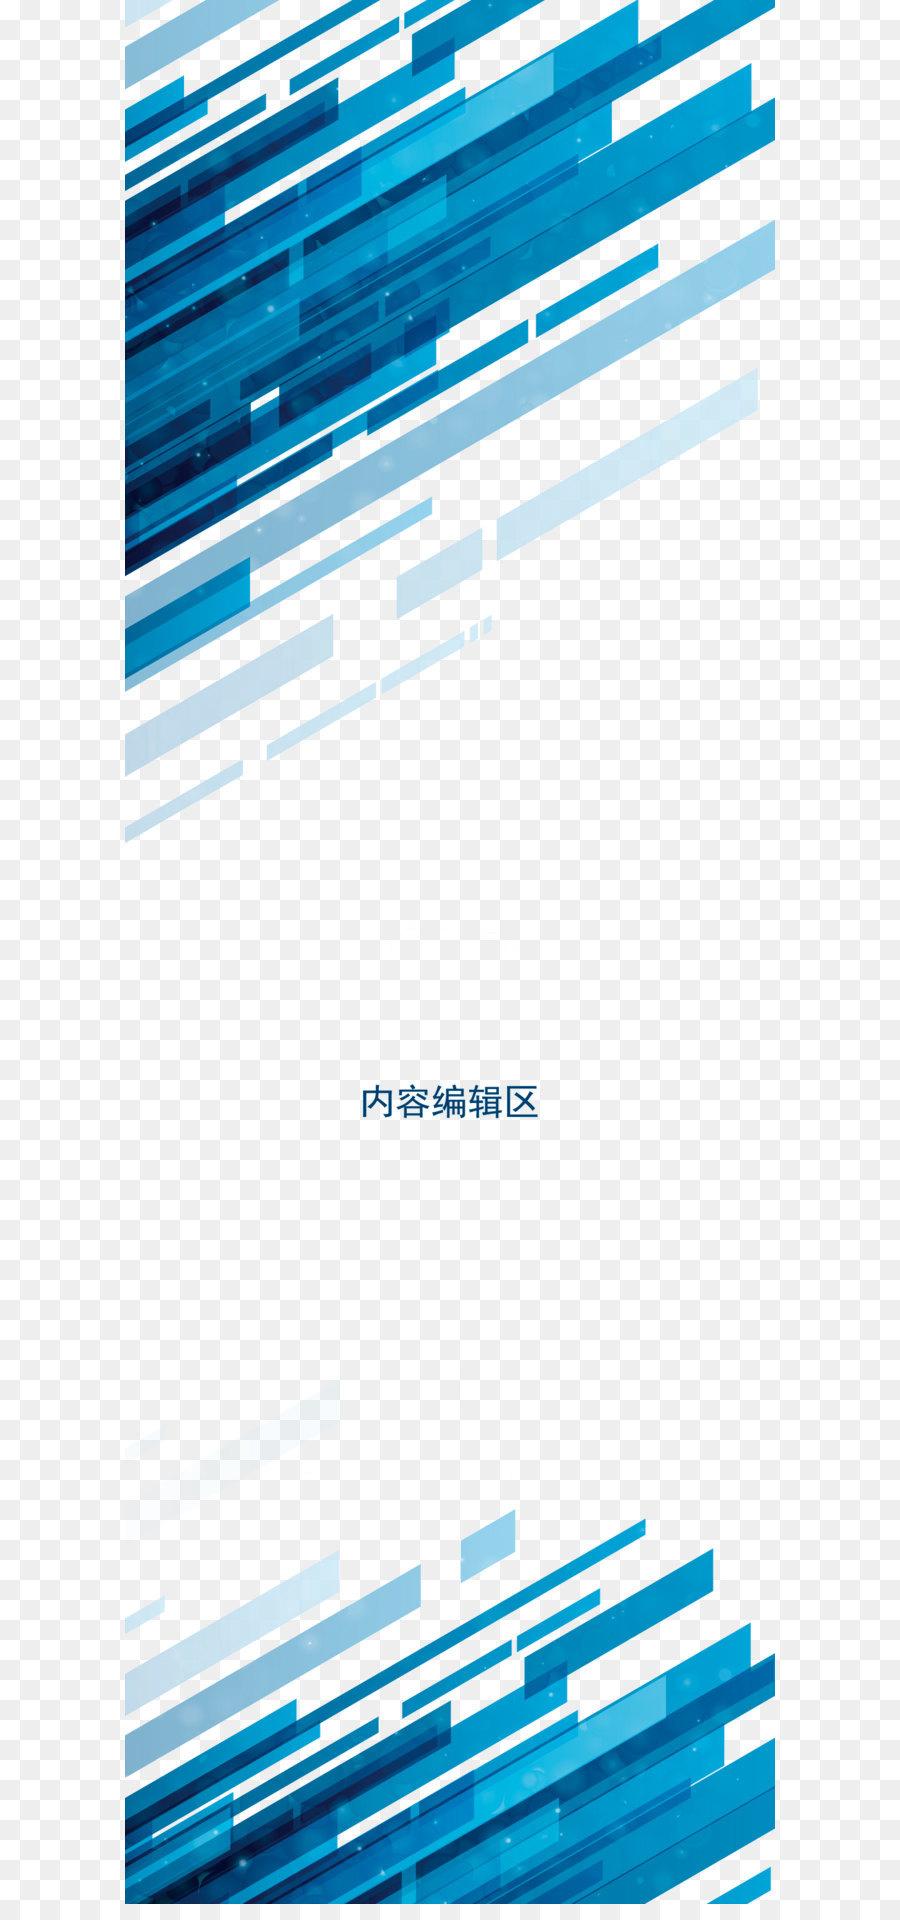 Descarga gratuita de  imágenes PNG